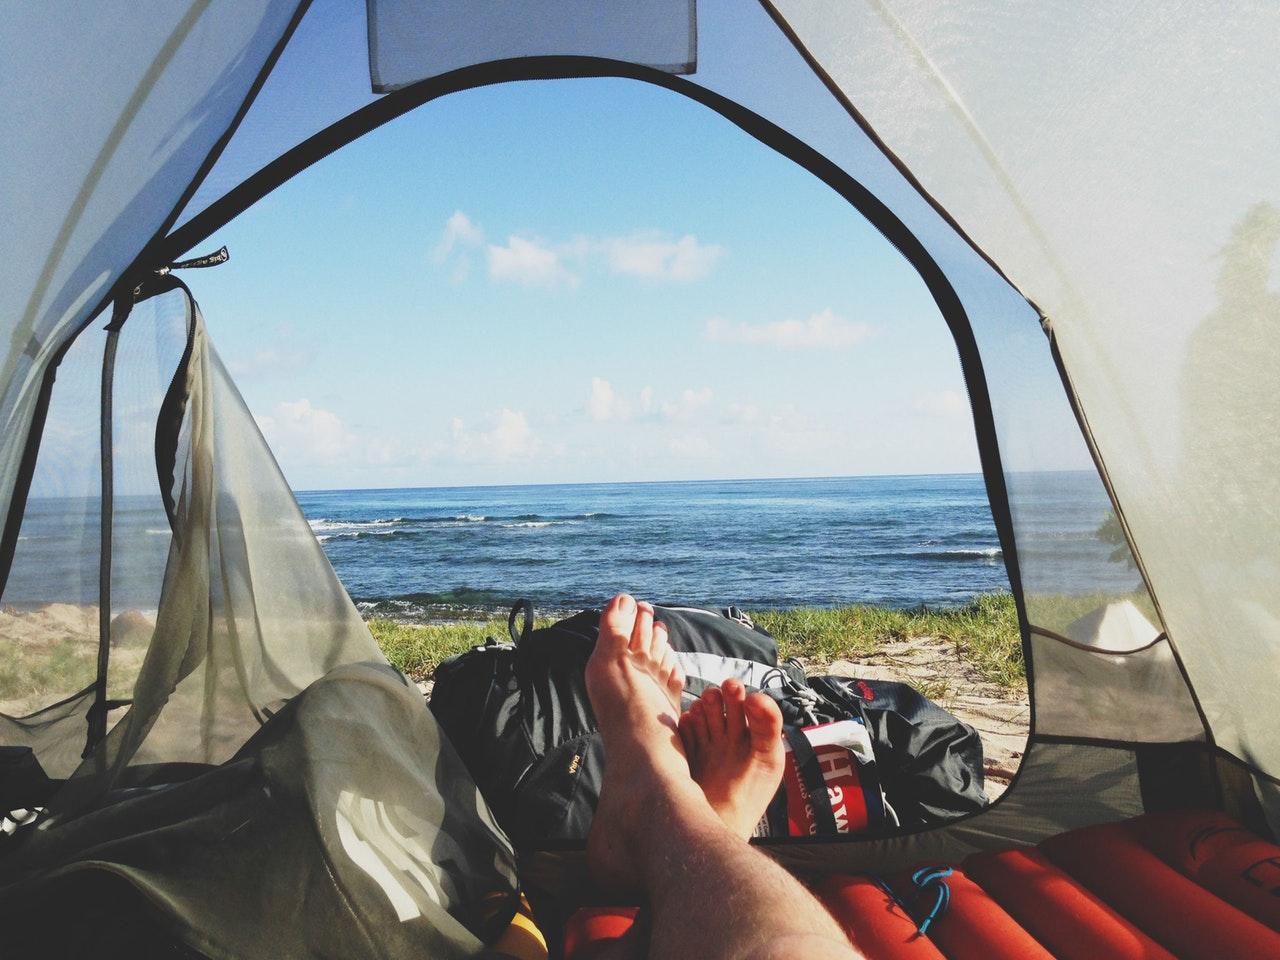 Naar de camping met het vliegtuig